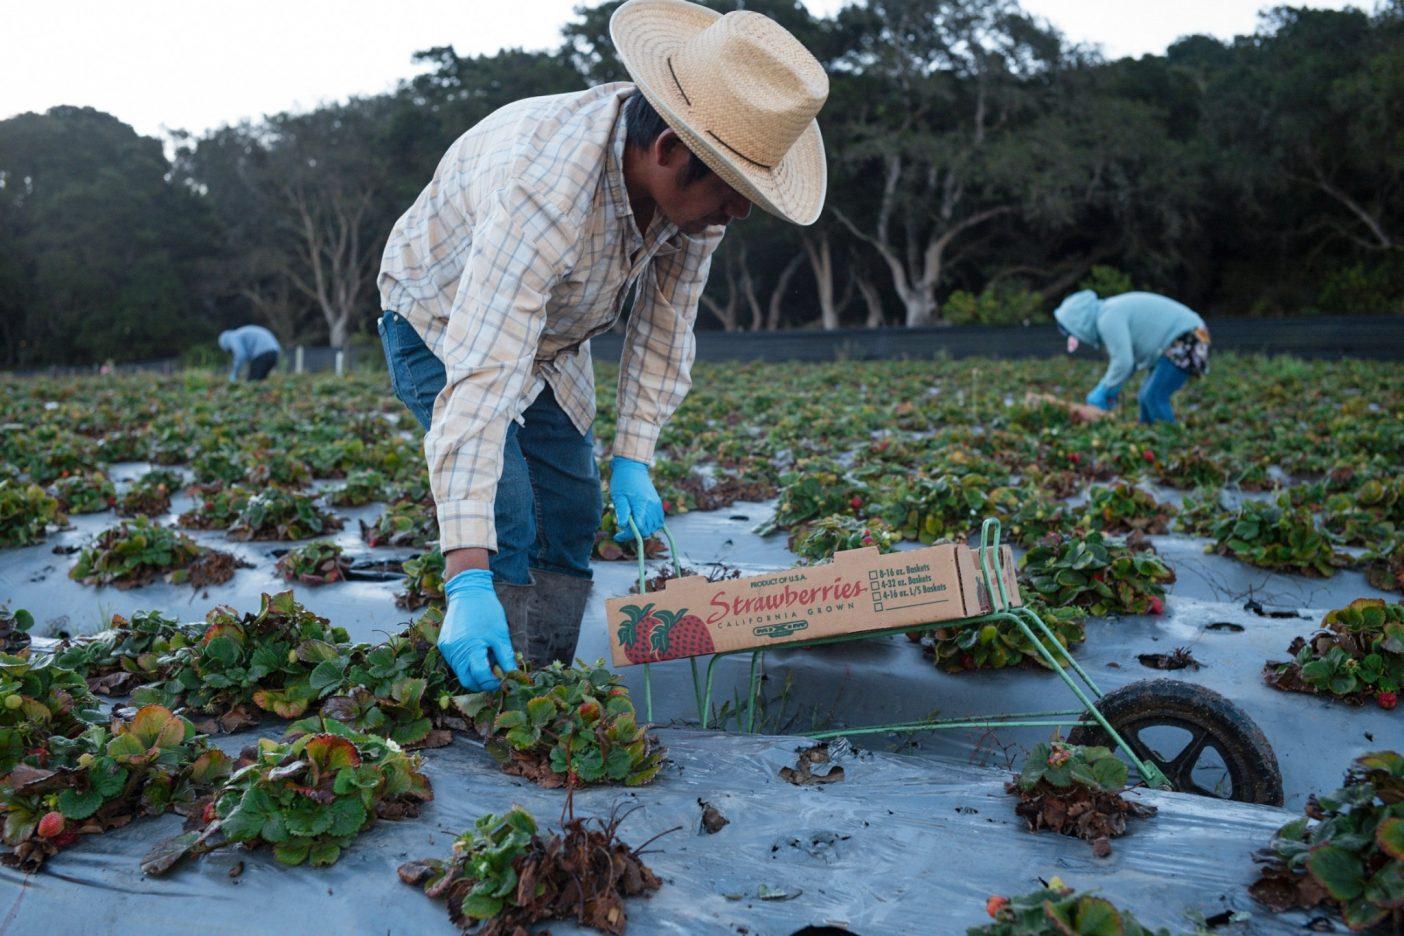 モントレー郡北部の涼しい丘陵でイチゴを摘む農業労働者。カリフォルニア州ロイヤル・オークスのJSMオーガニックス